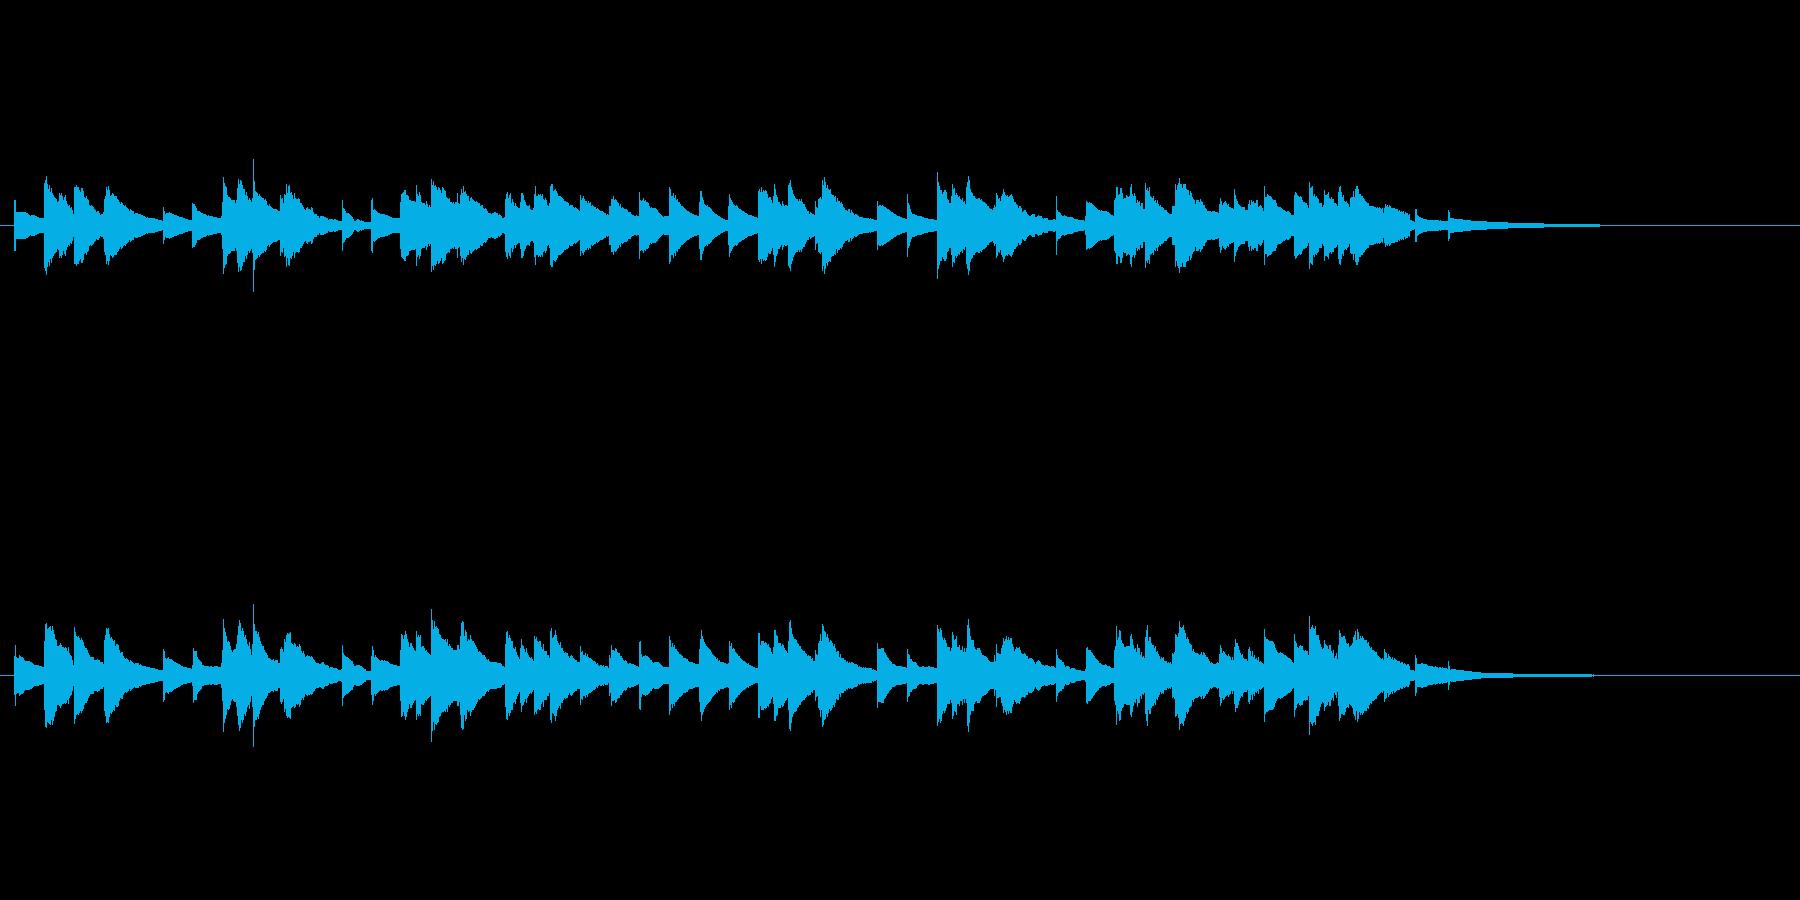 物悲しげなオルゴールのワルツ(30秒)の再生済みの波形